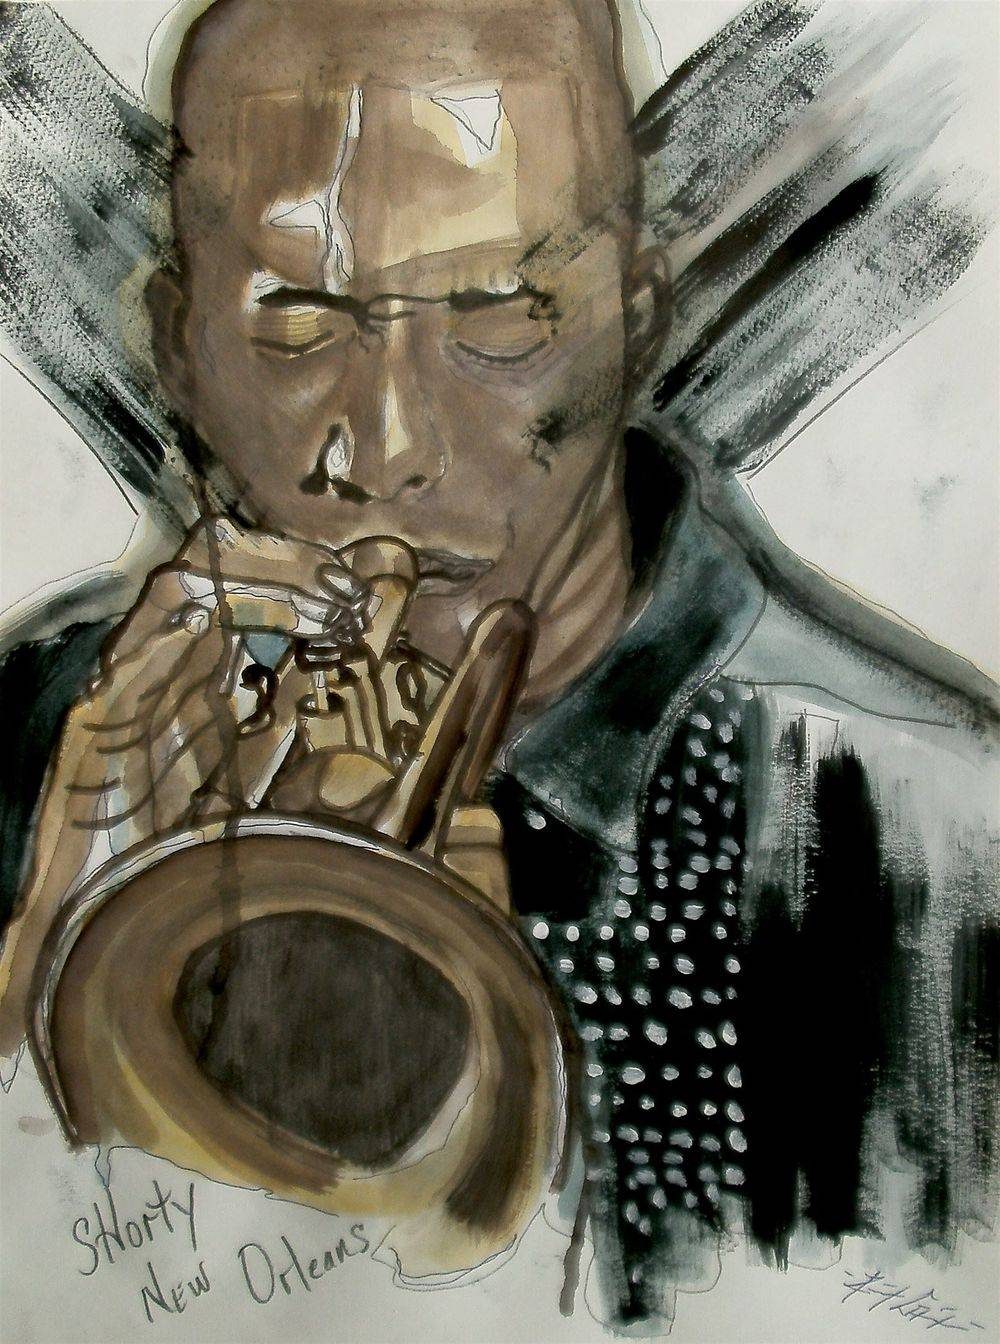 Shorty : Trombone Shorty